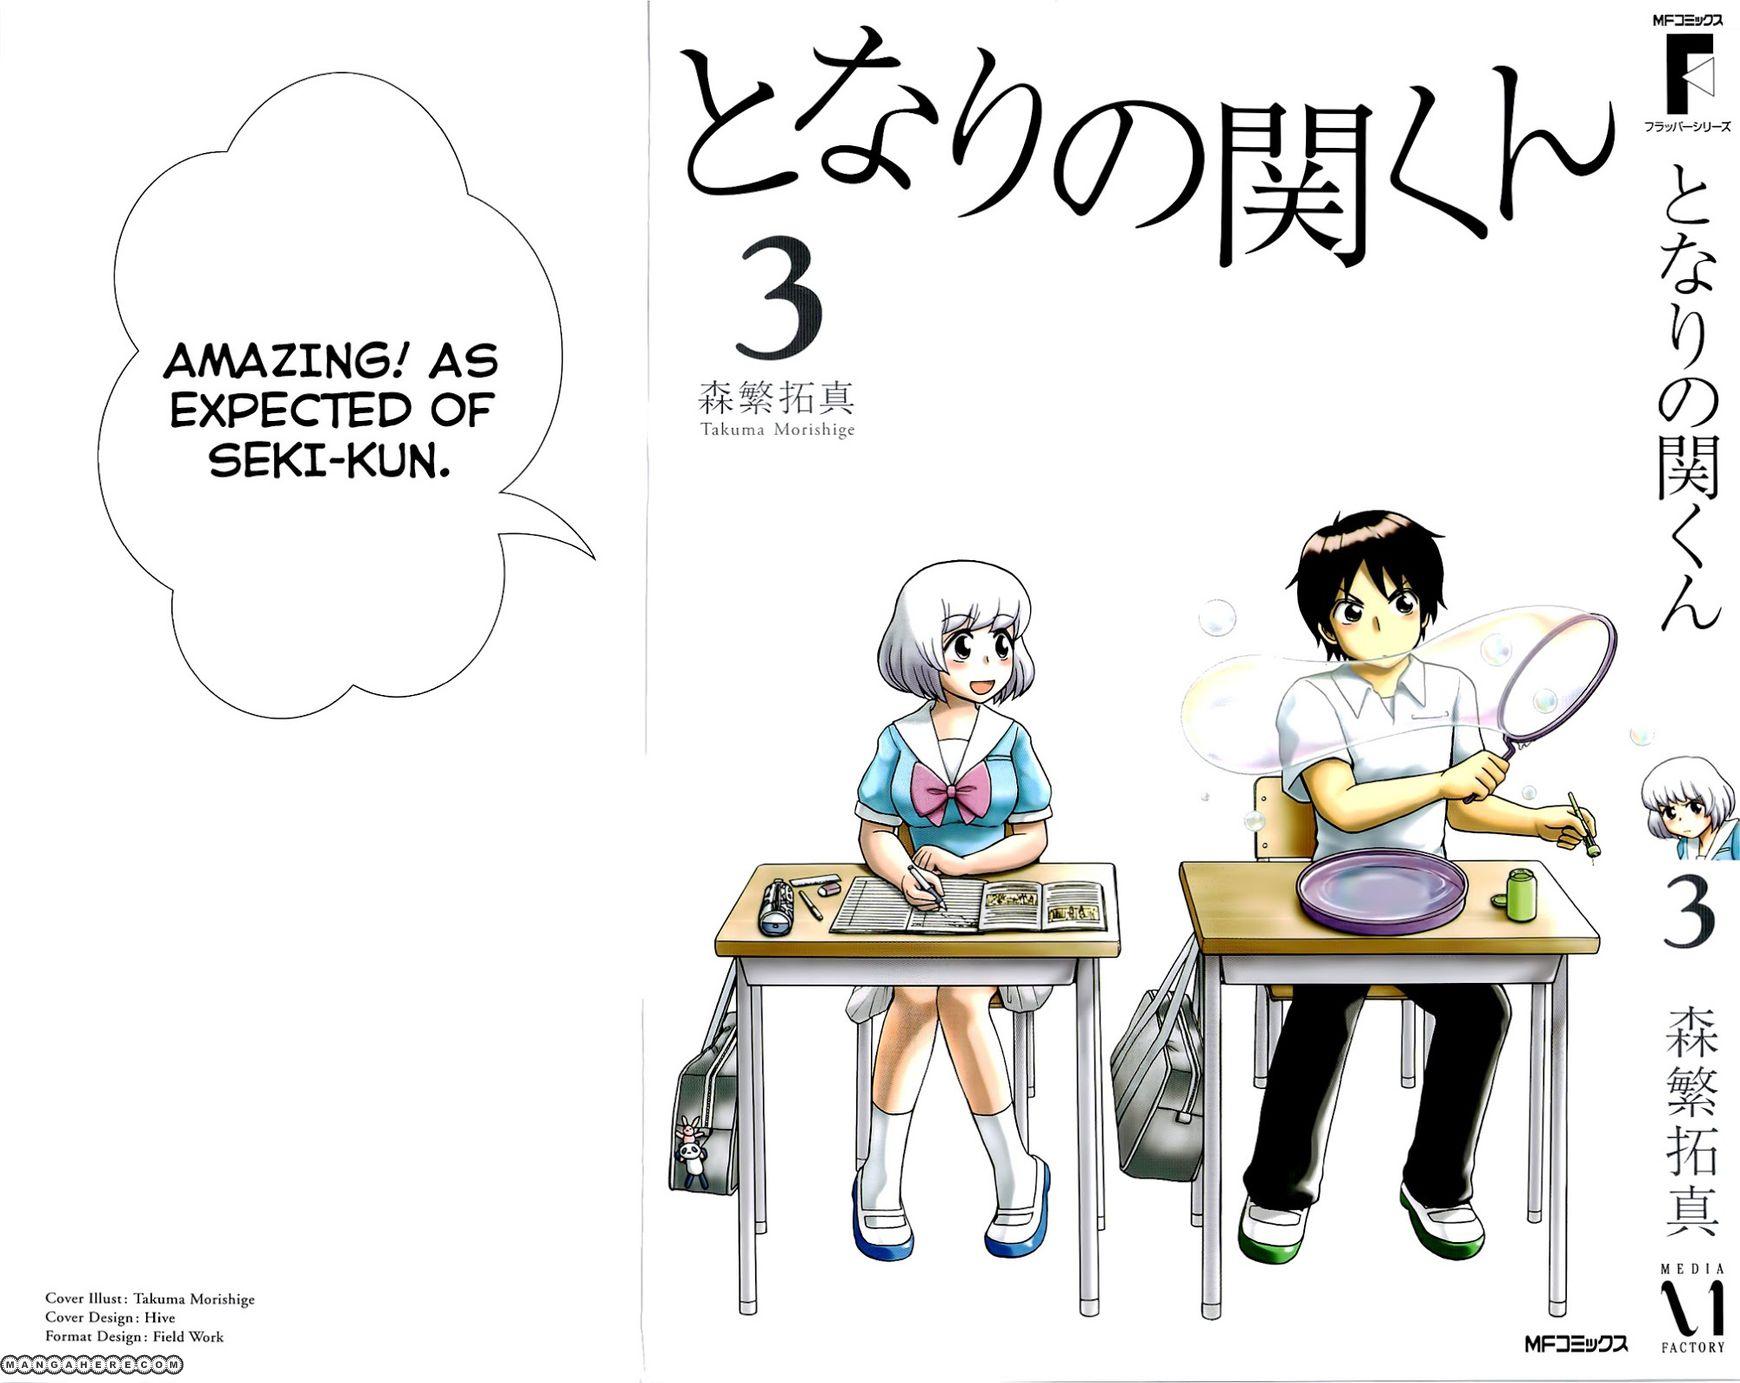 Tonari no Seki-kun 29 Page 2